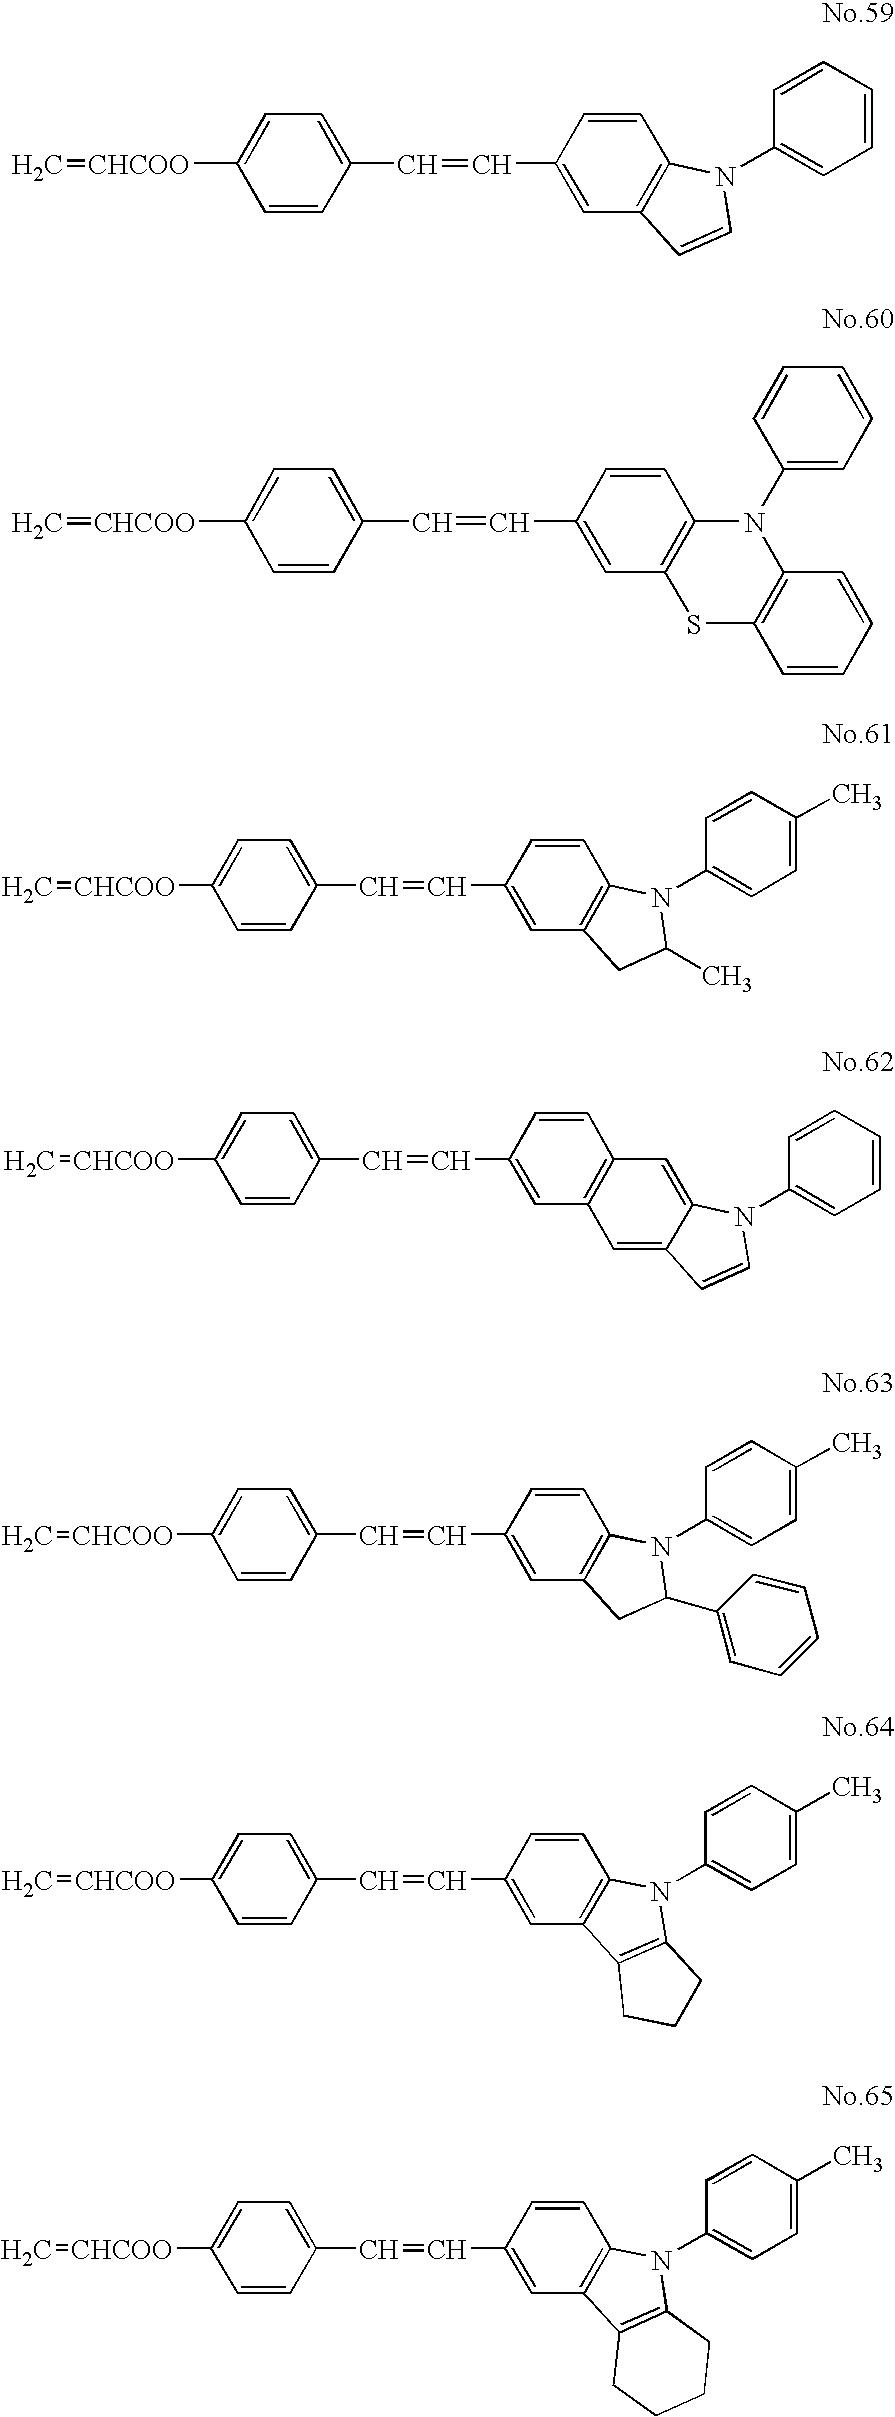 Figure US07507509-20090324-C00018